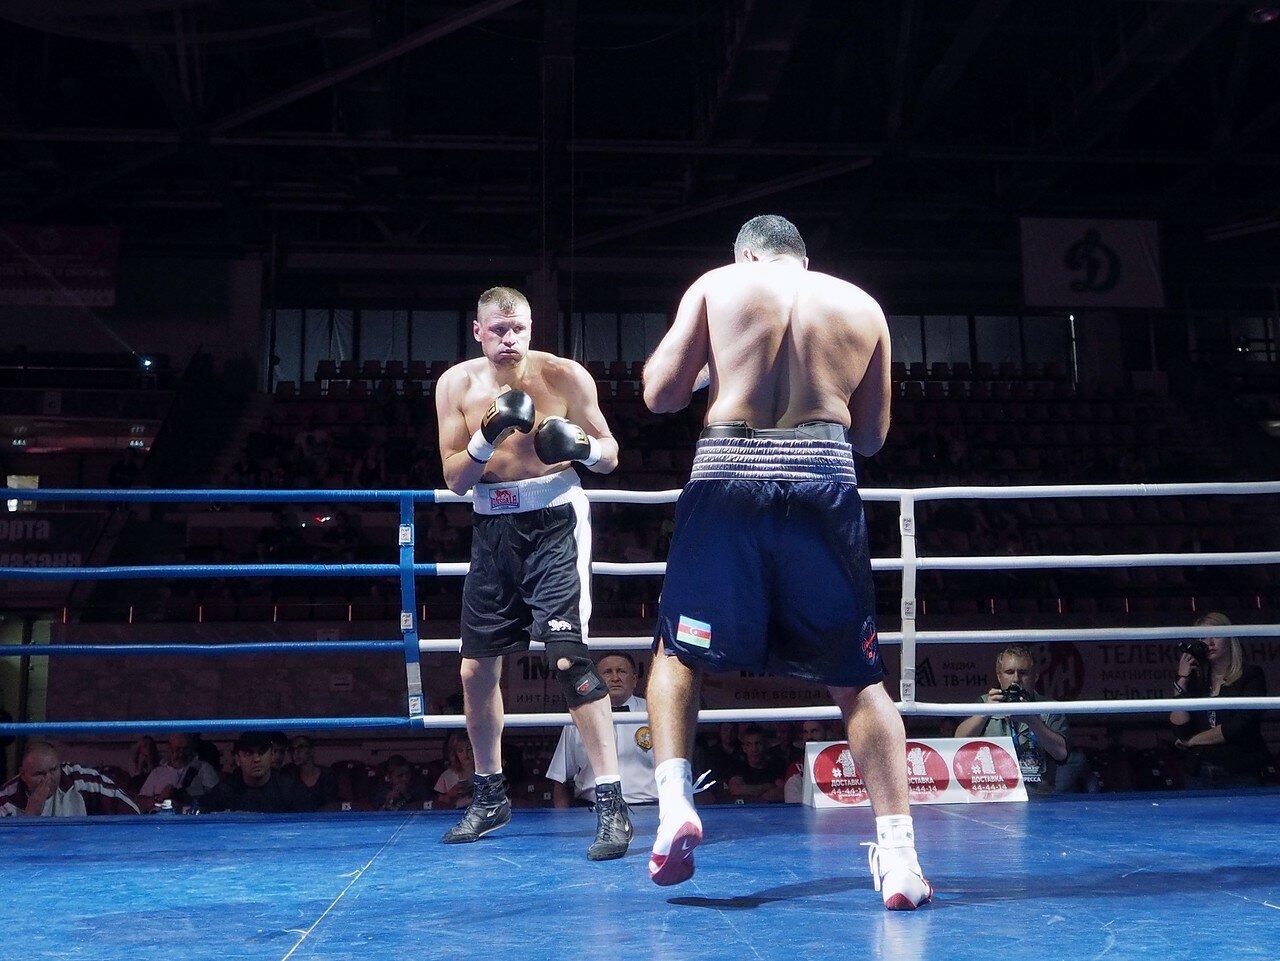 28 Вечер профессионального бокса в Магнитогорске 06.07.2017